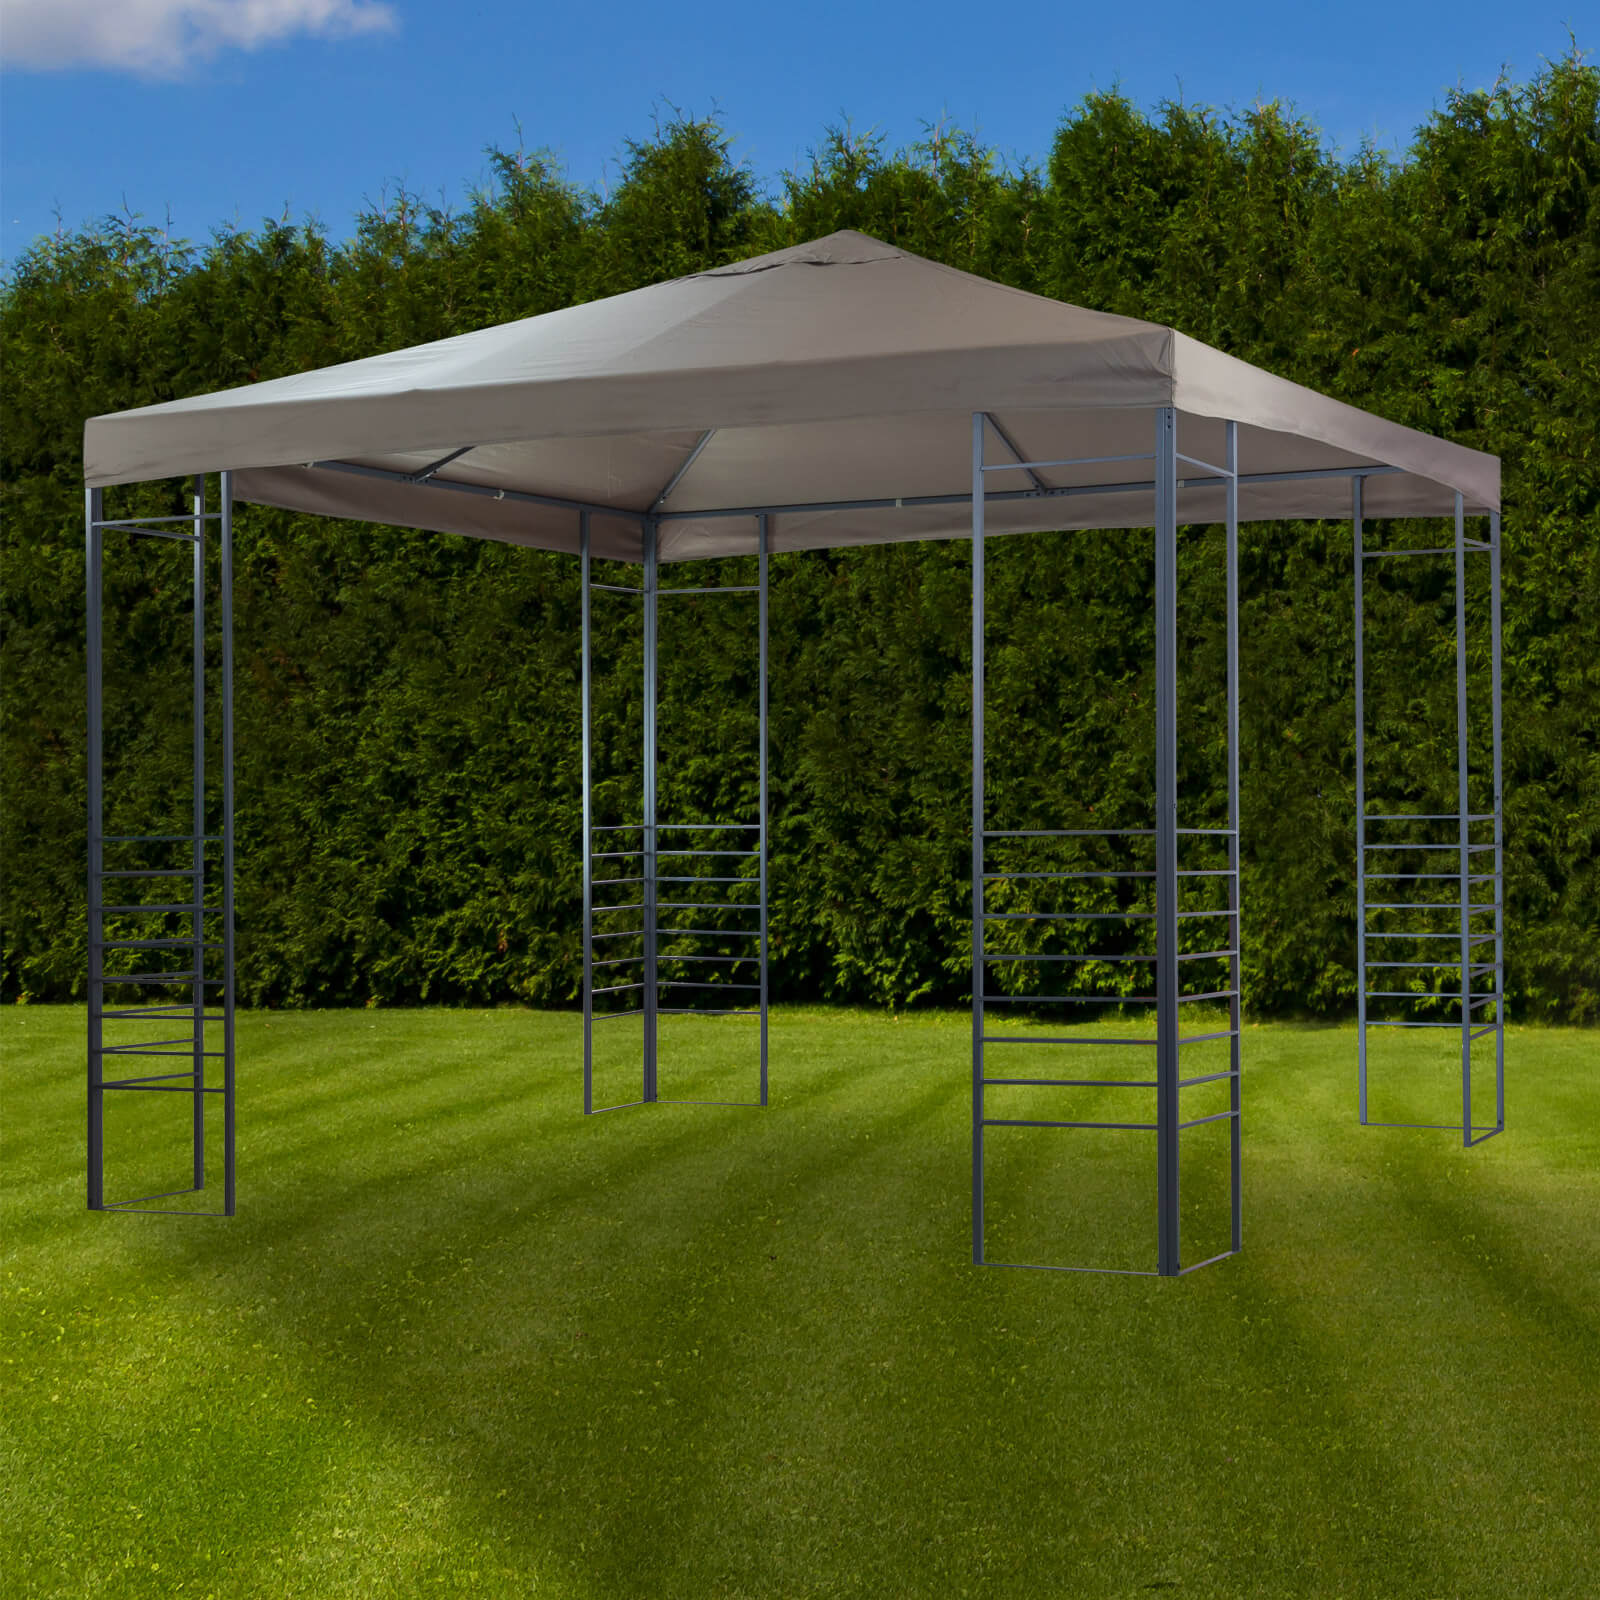 Full Size of Garten Pavillon Sonnenschutz 3x3 Nizza Für Fenster Trampolin Sonnenschutzfolie Innen Außen Wohnzimmer Sonnenschutz Trampolin